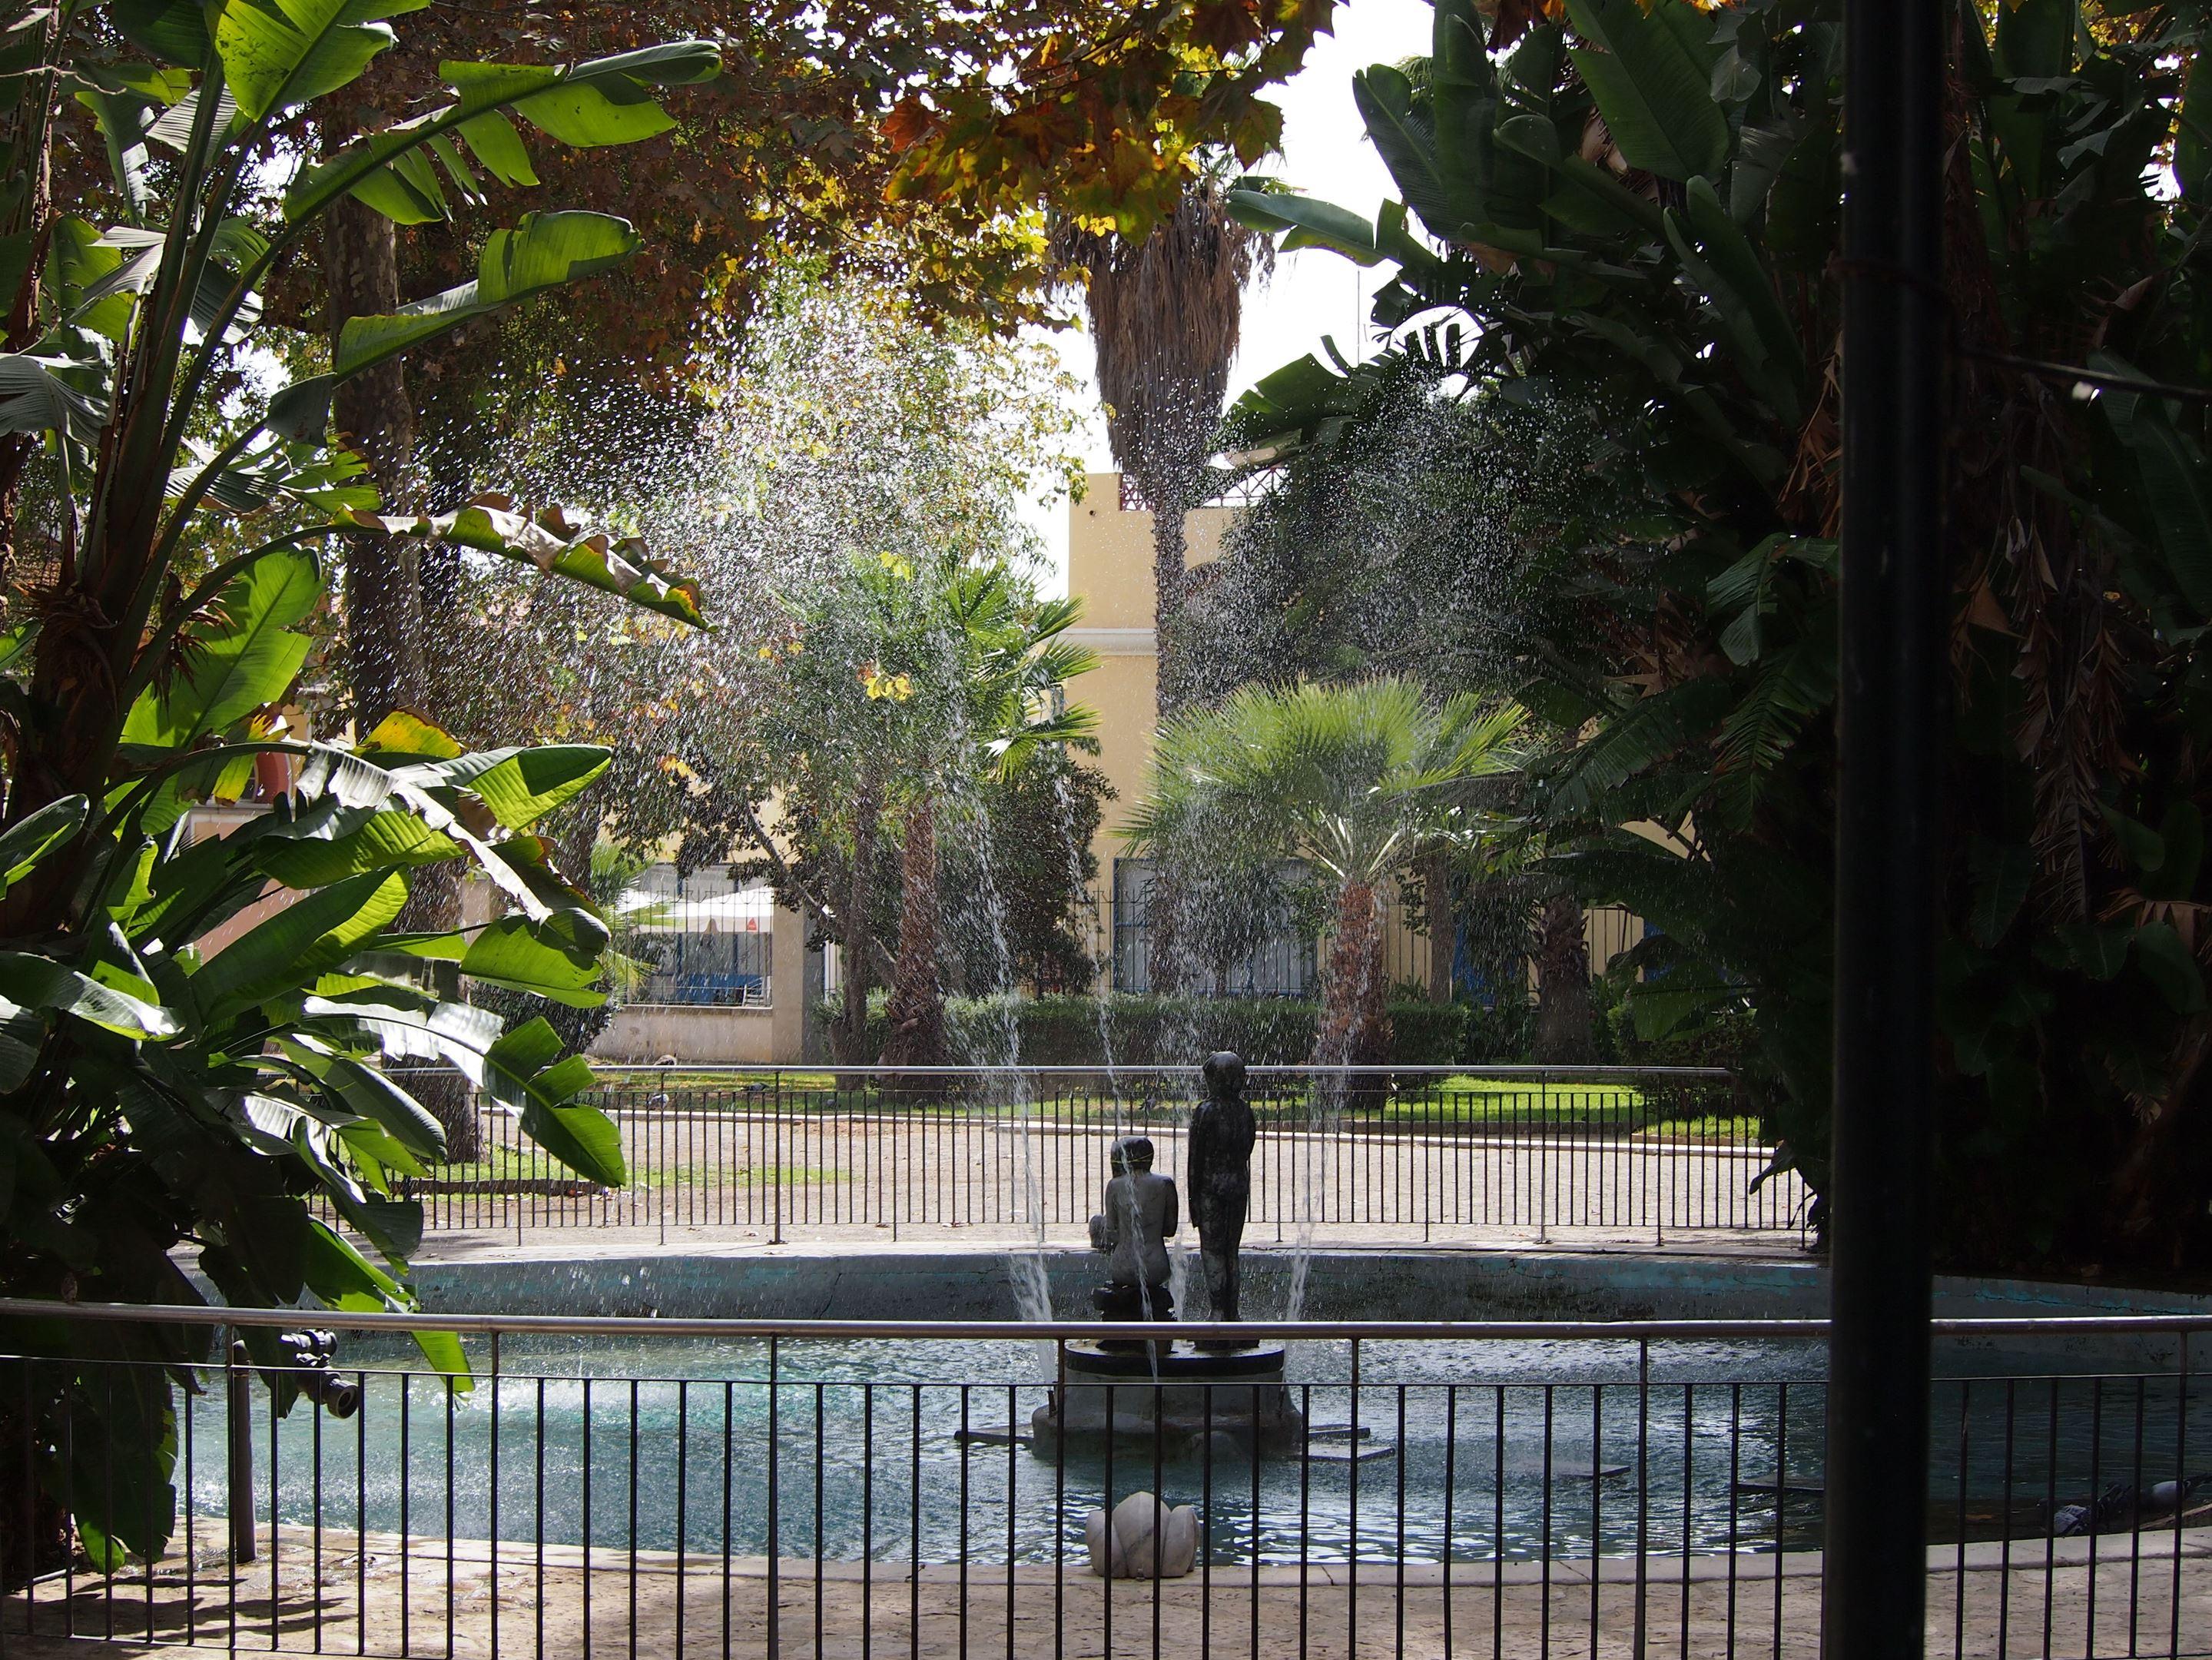 Fountain in Jardim da Alameda João de Deus, Faro